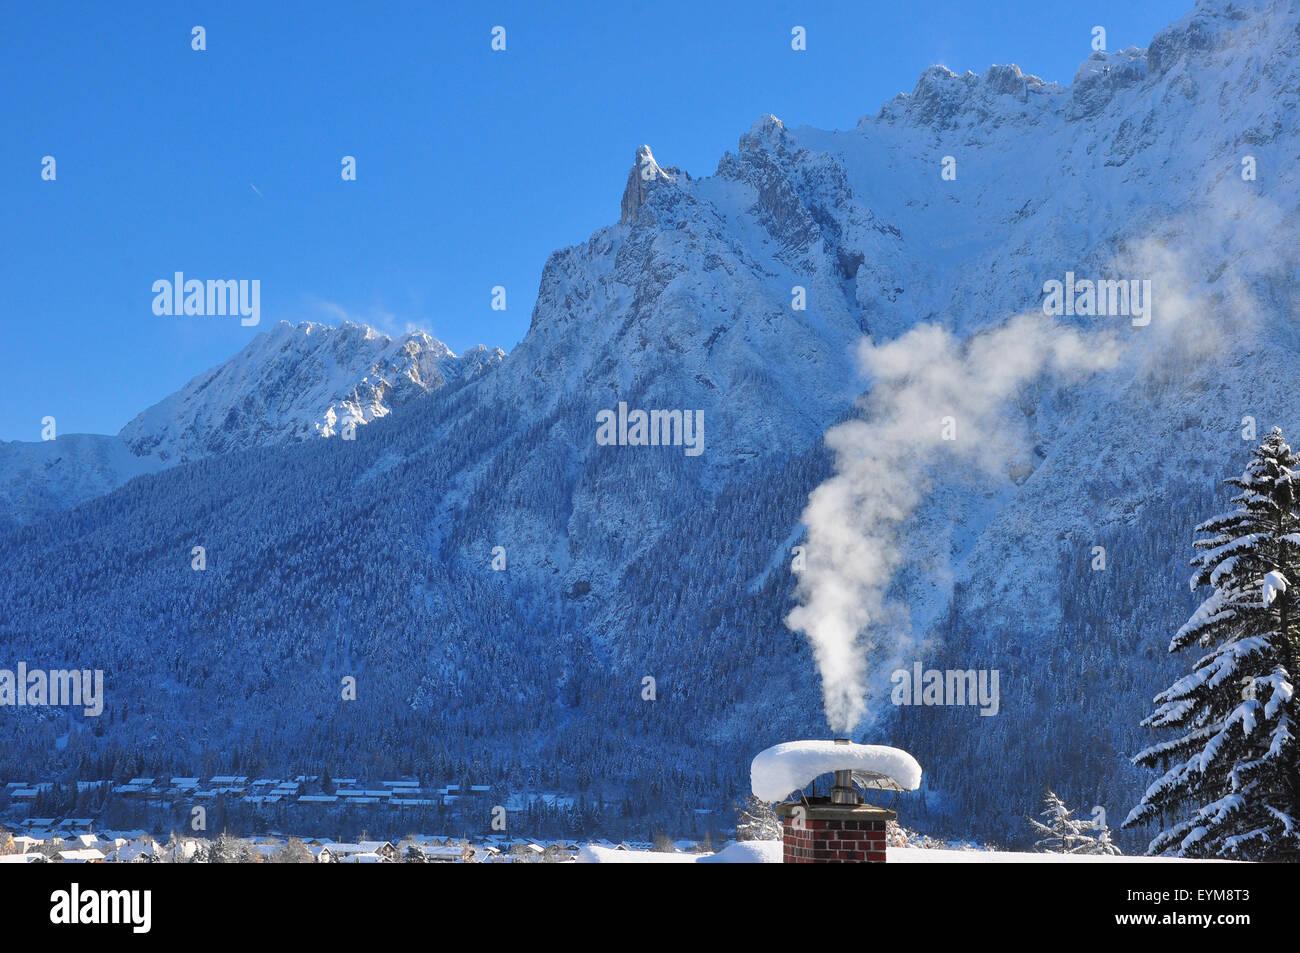 Deutschland, Bayern, Isartal, Mittenwald, Winterlandschaft, Schornstein, rauchend, Bergspitzen - Stock Image